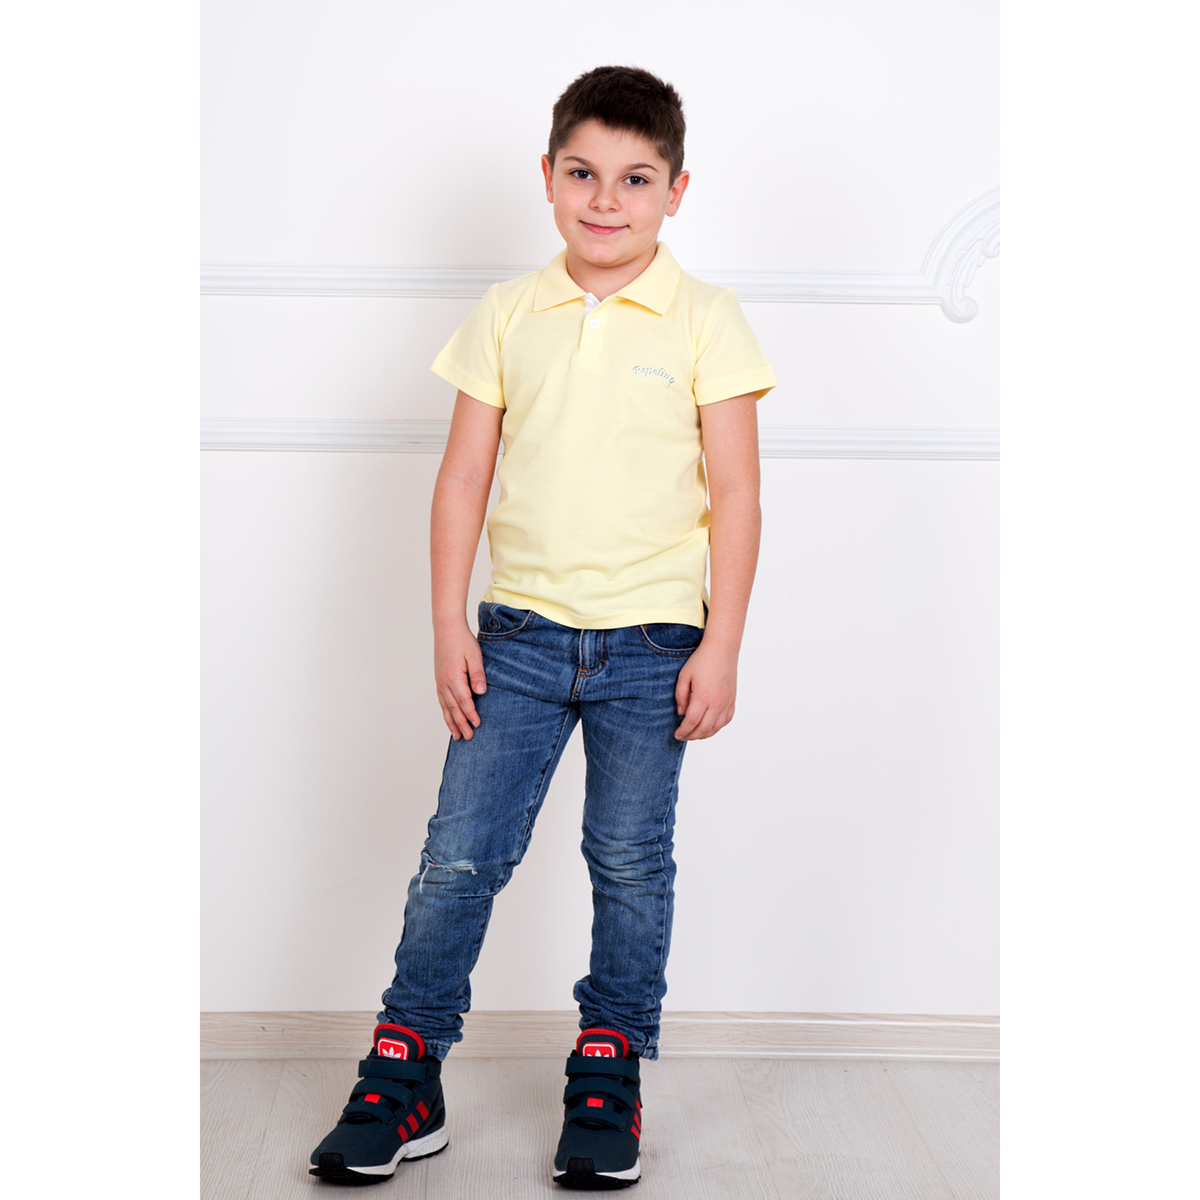 Детская футболка-поло Круиз, размер 3 годаМайки и футболки<br><br><br>Тип: Дет. футболка<br>Размер: 3 года<br>Материал: Пике